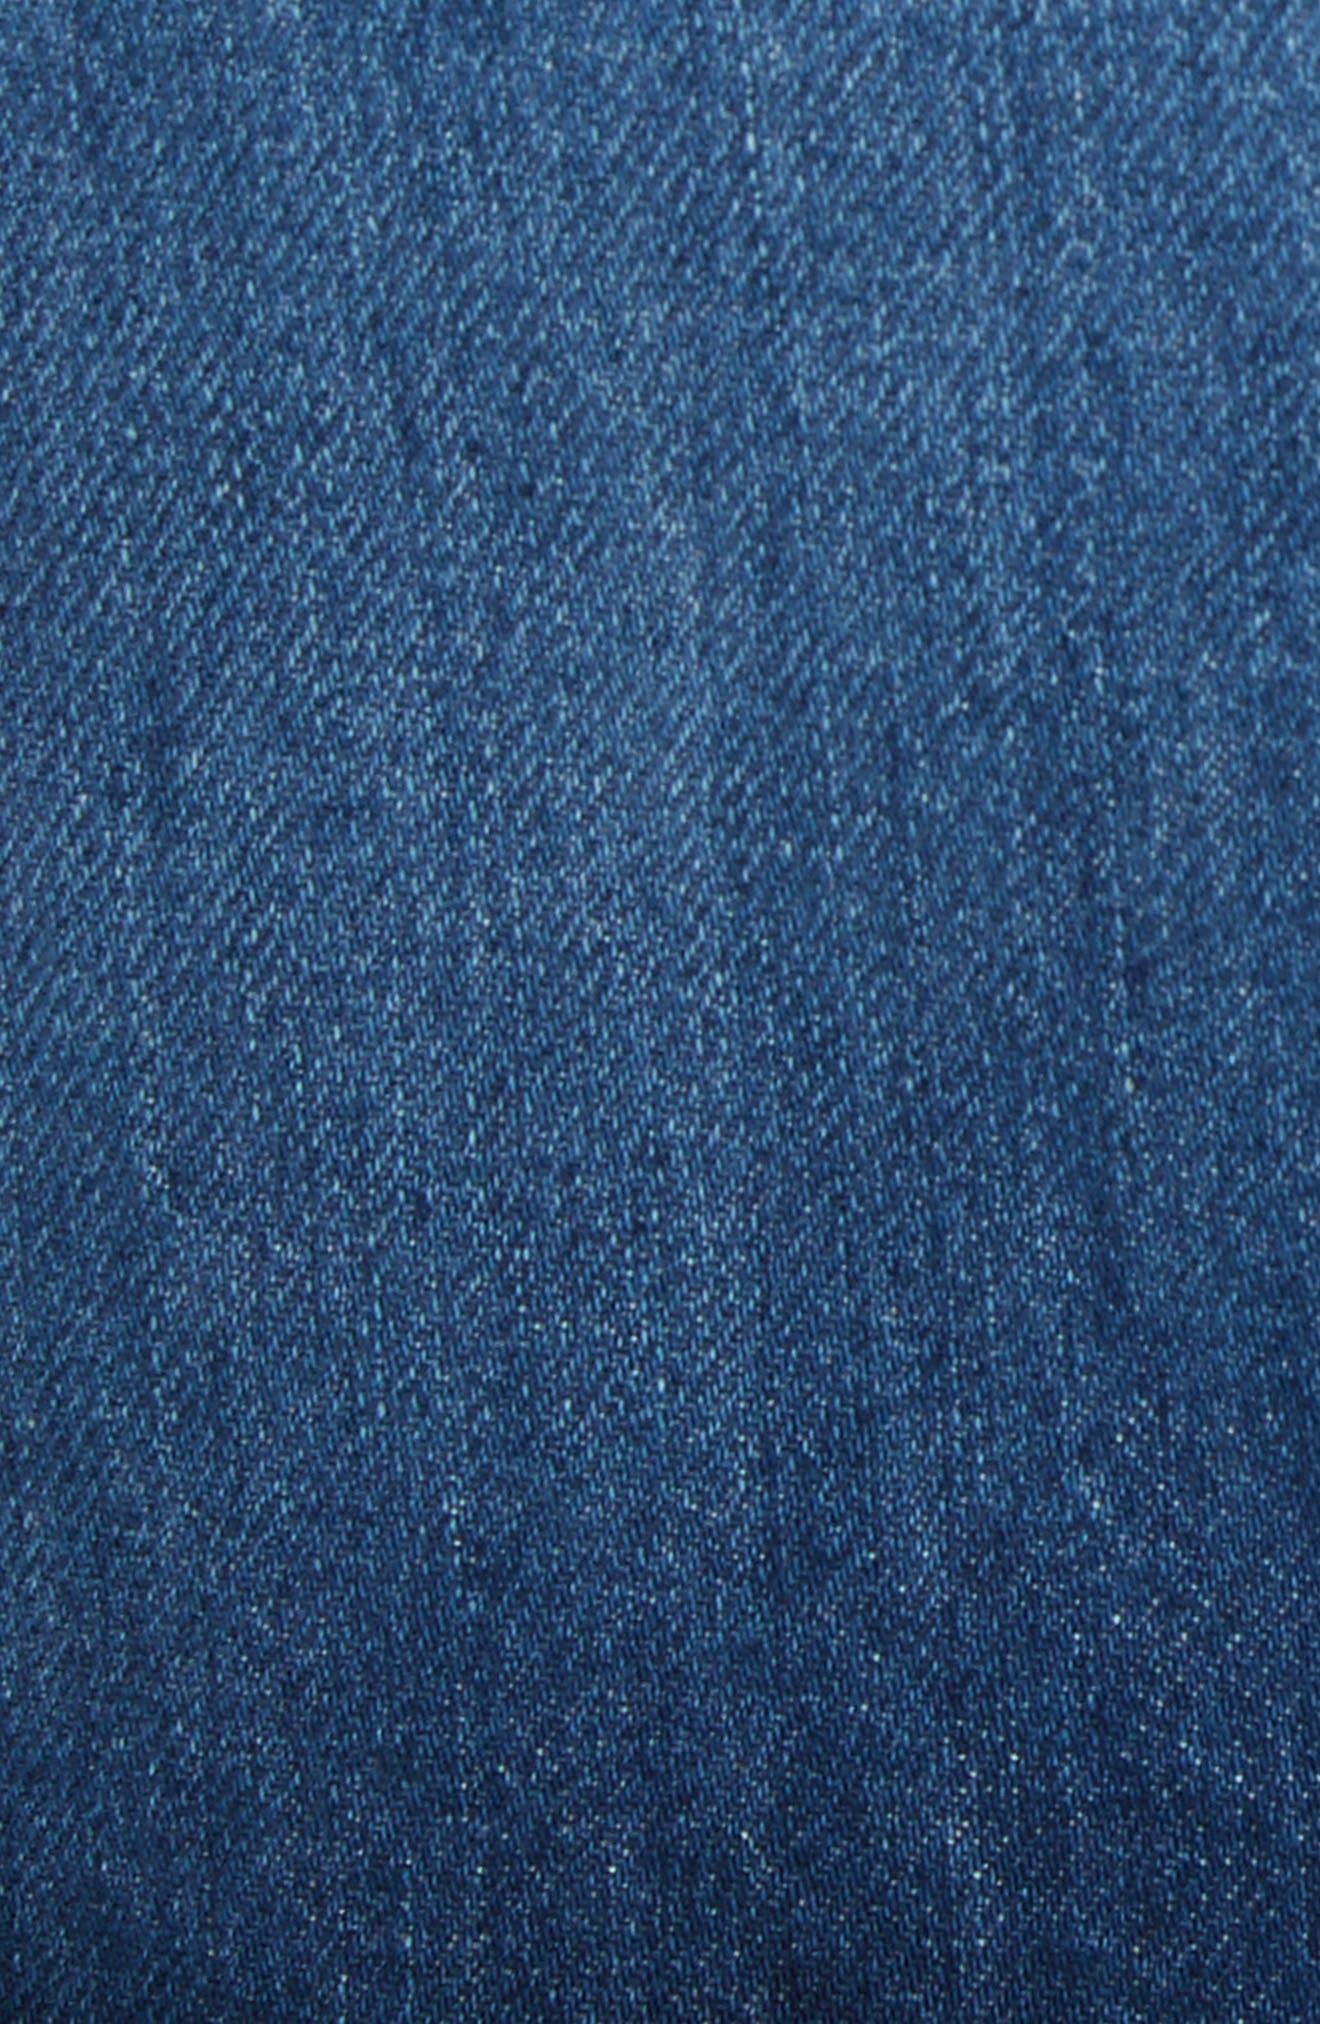 Celine Distressed Denim Skirt,                             Alternate thumbnail 5, color,                             Lela